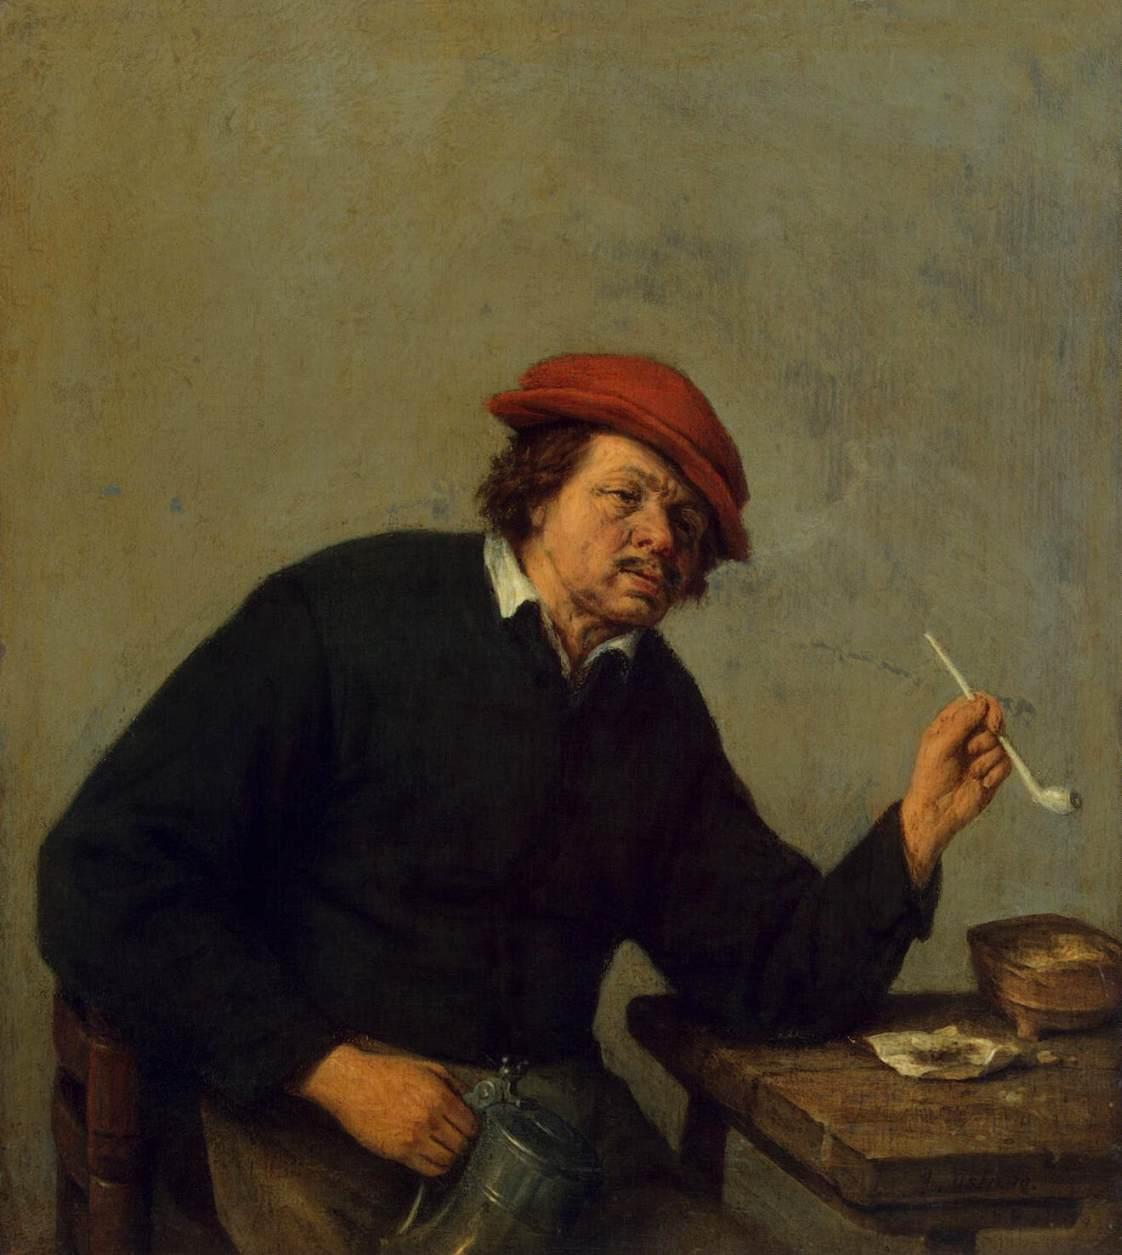 Картина голландского художника Адриана ван Остаде Курильщик